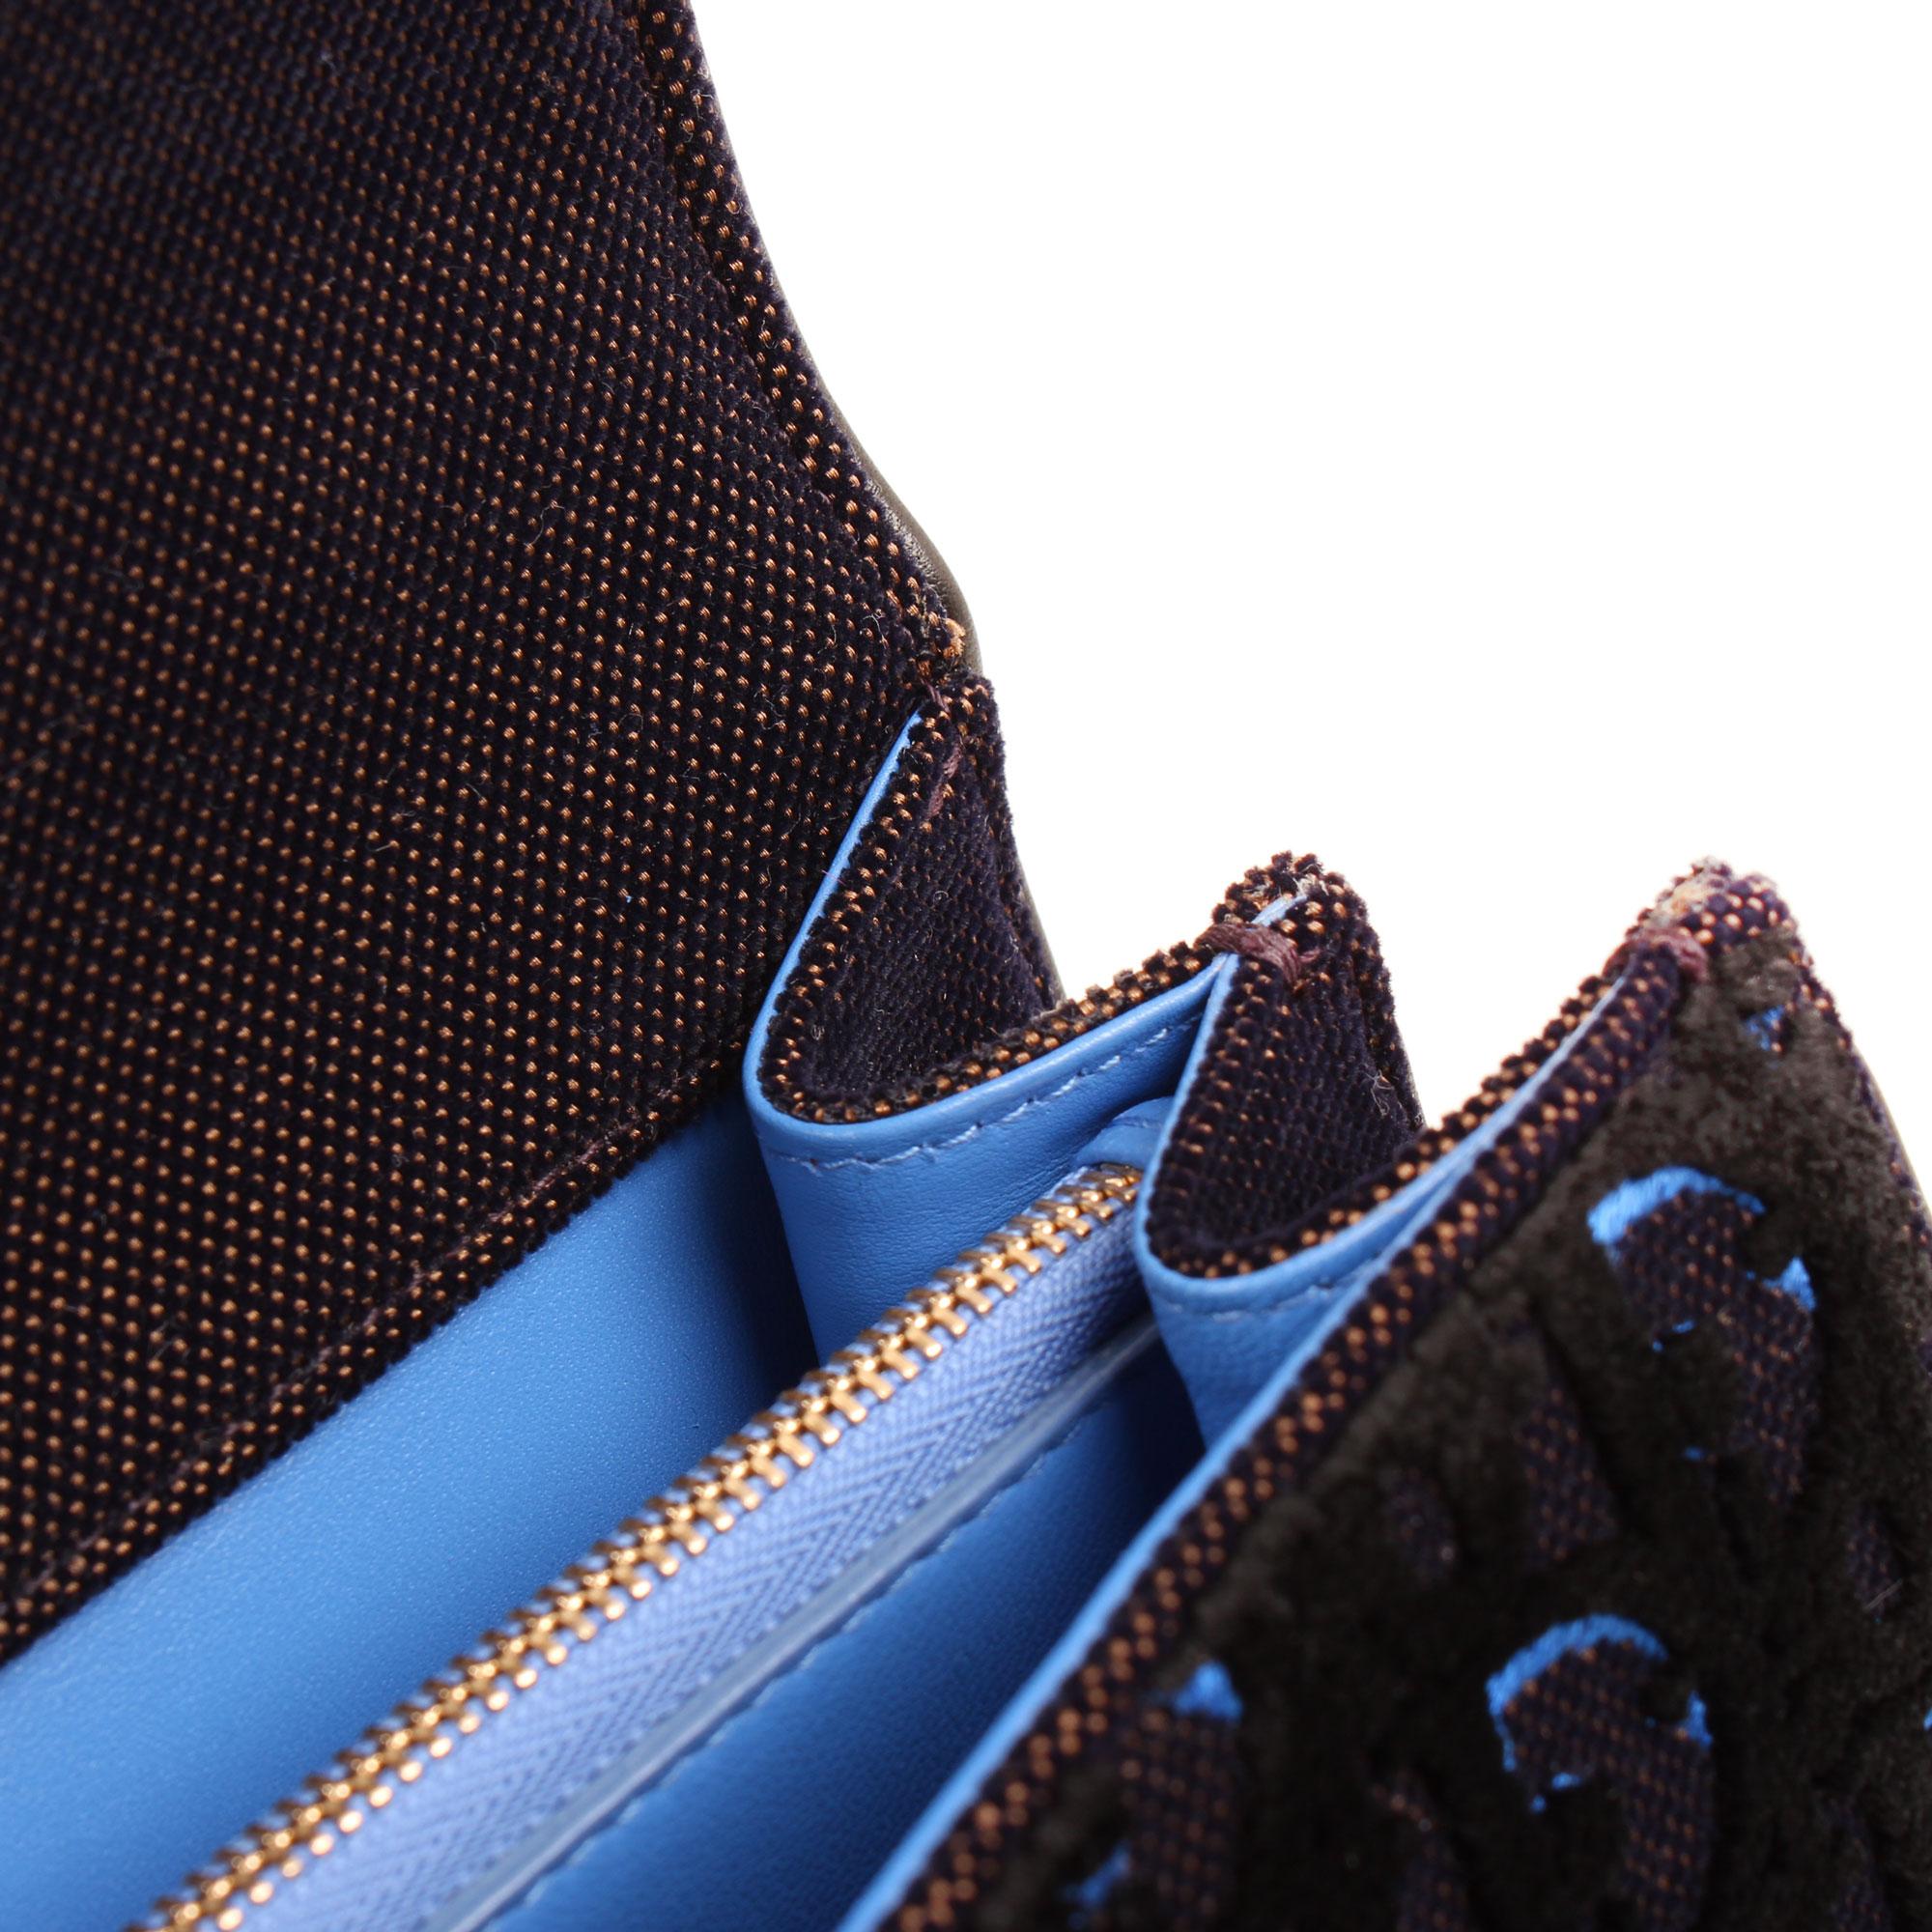 Imagen de detalle del interior del bolso dior diorama mediano terciopelo piel azul